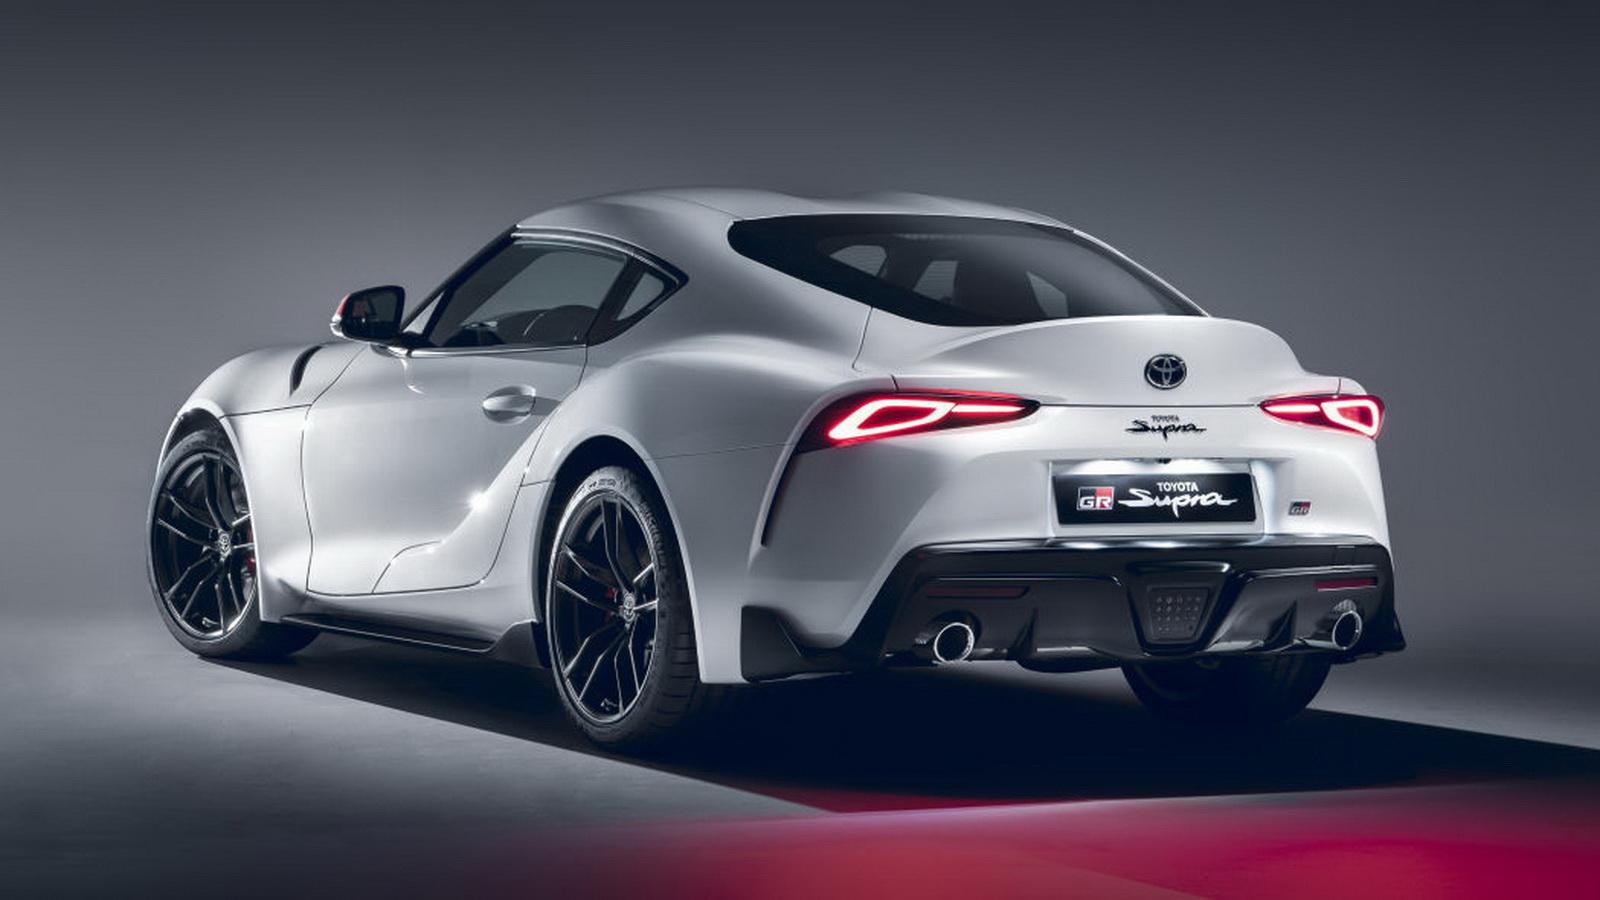 圖/全新Toyota GR Supra是美國唯一採用直列六缸引擎的跑車,能展現出335匹馬力與365磅-英尺扭矩的強大性能。